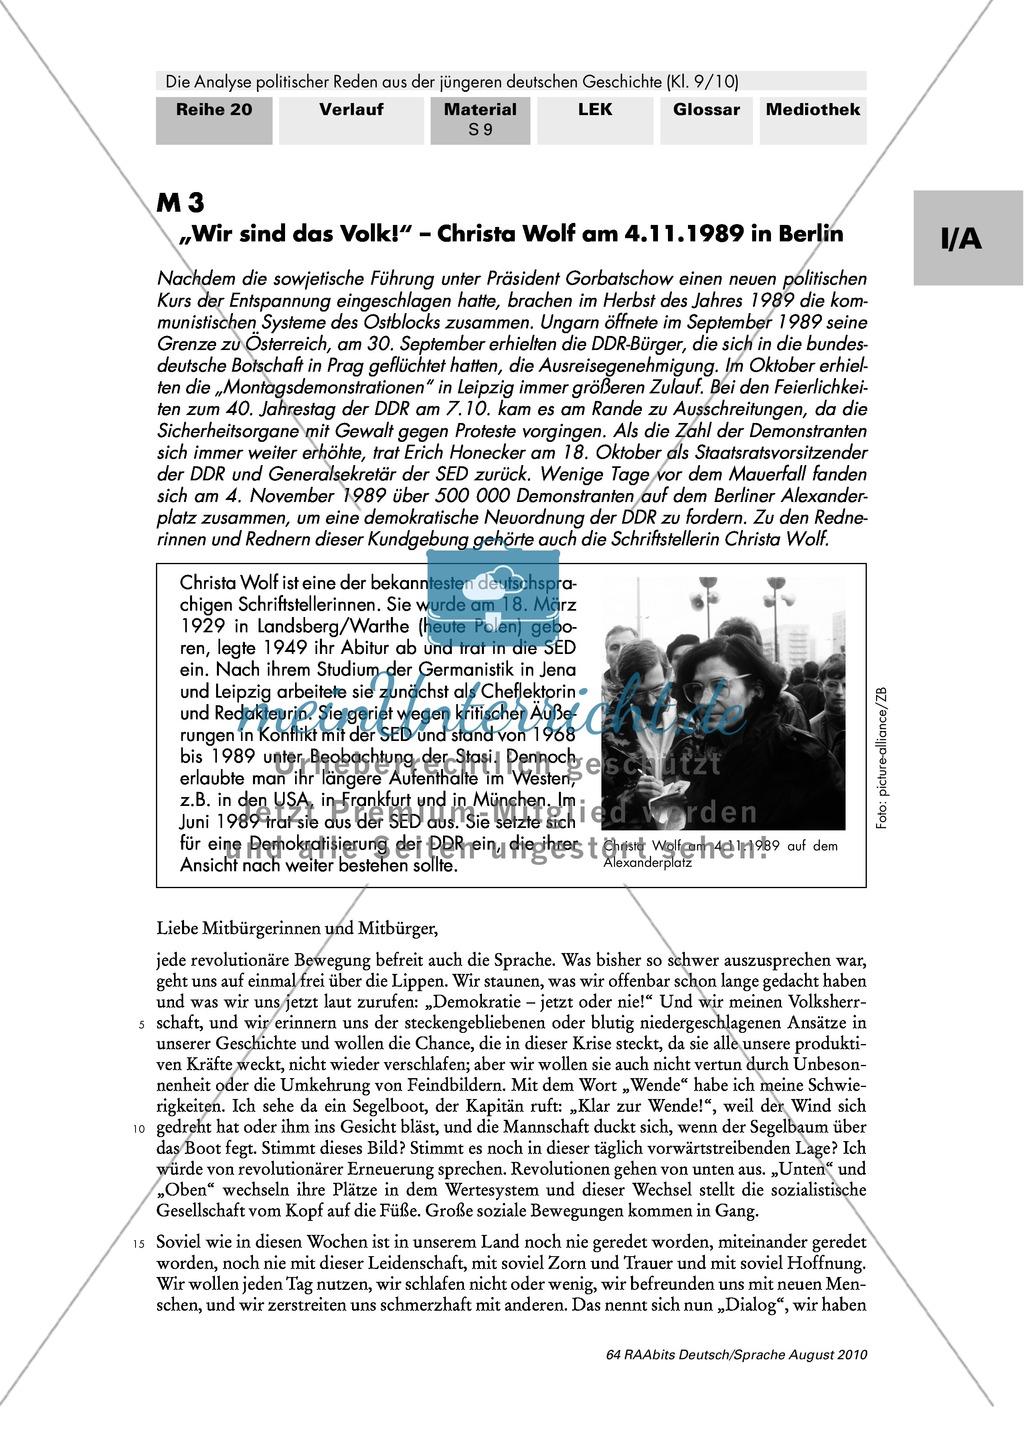 """Christa Wolf """"Wir sind das Volk"""" (1989): Sprachliche Mittel als gestalterische Mittel erkennen und in Bezug zur Redeabsicht stellen Preview 1"""